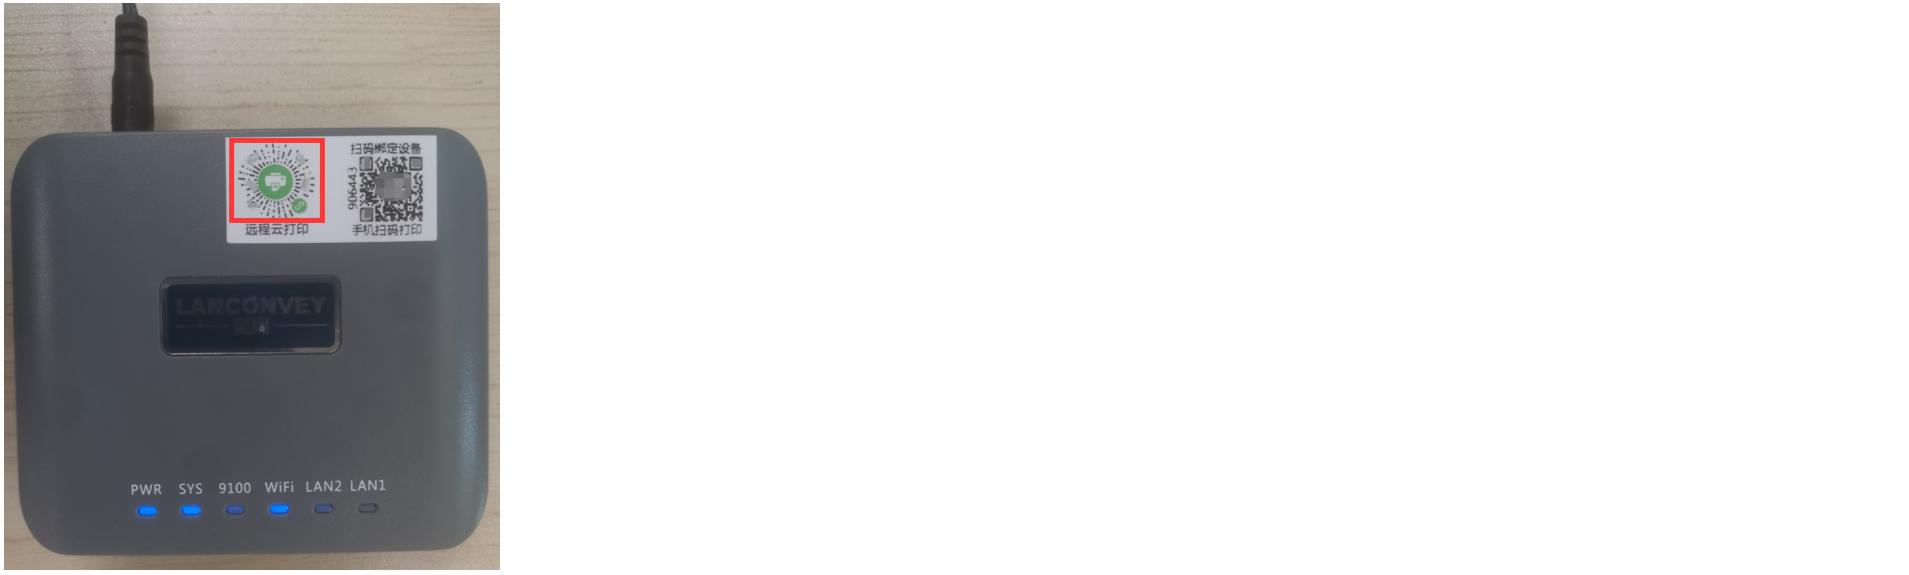 银豹掌上批发-云盒子远程打印-银豹博客